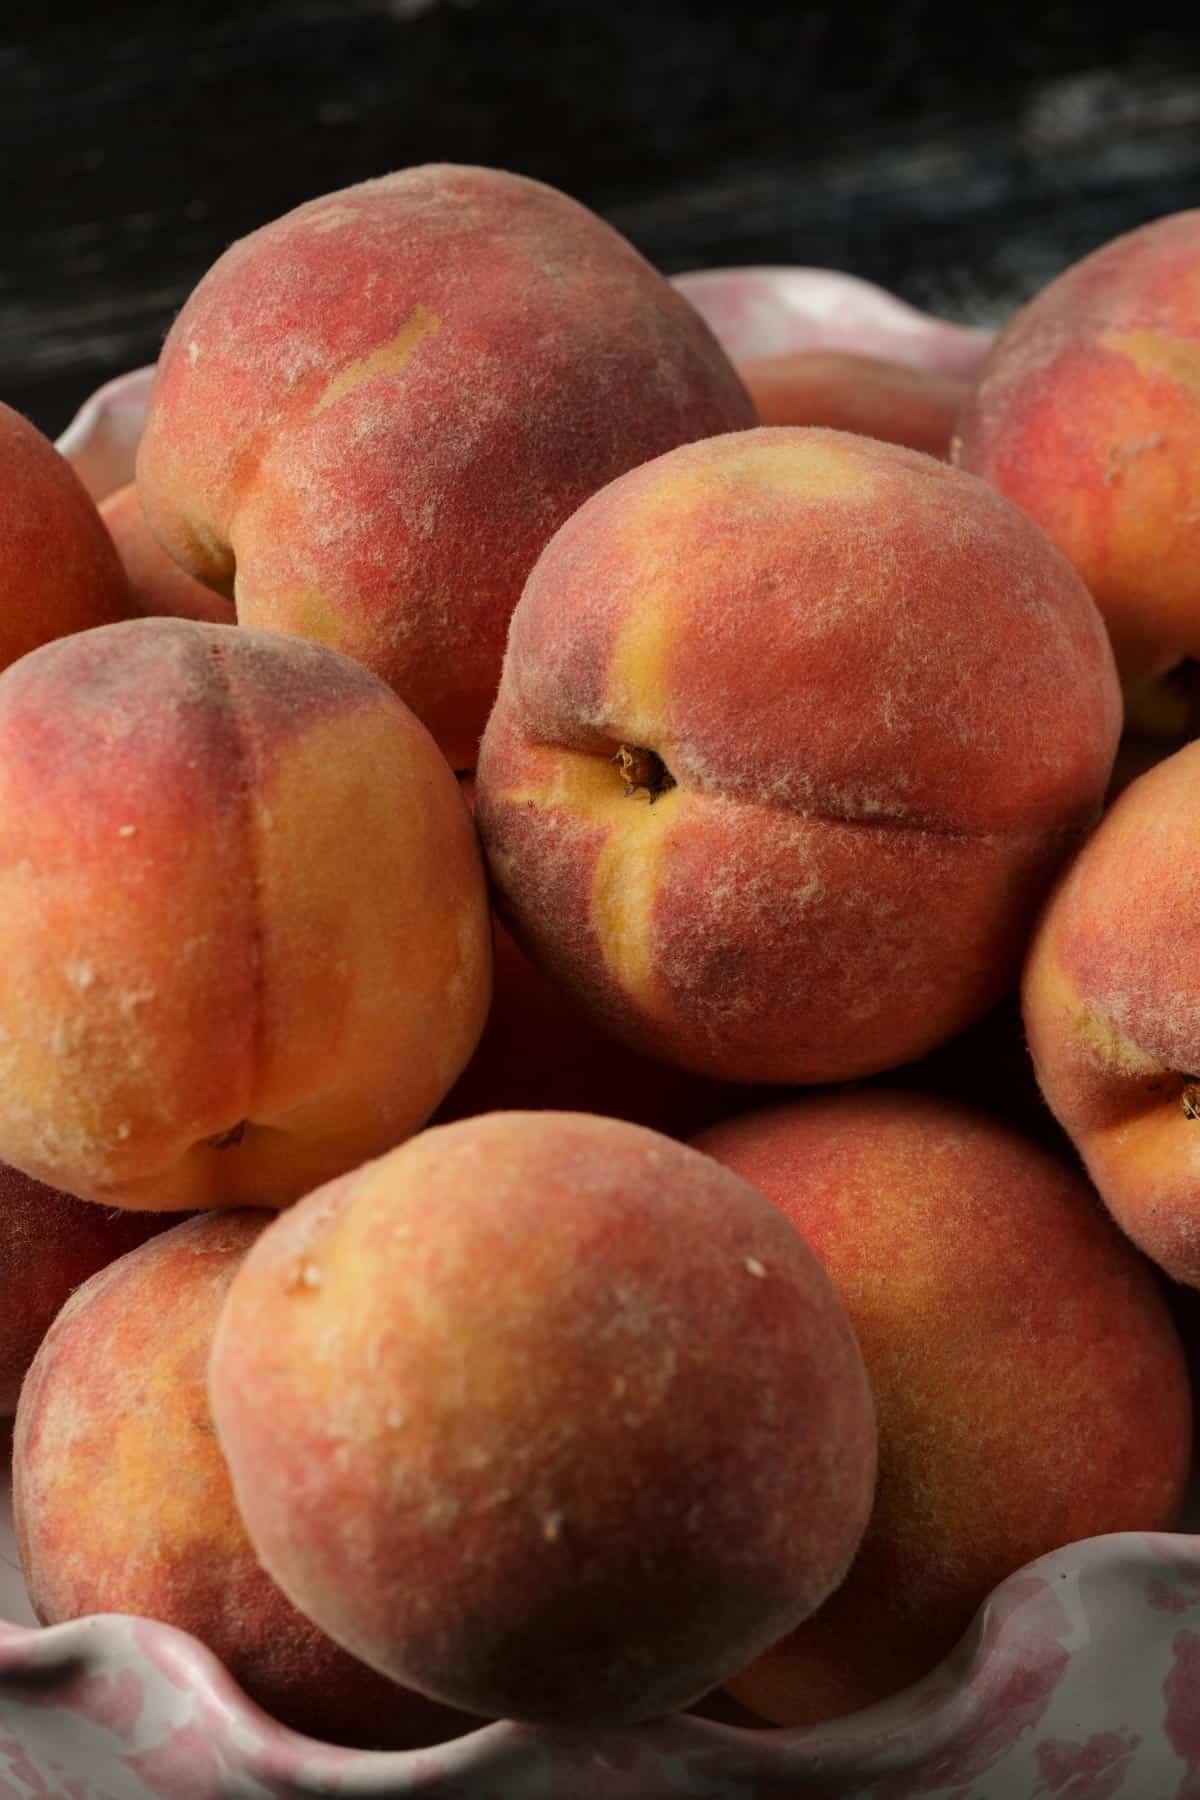 A ceramic bowl full of peaches.